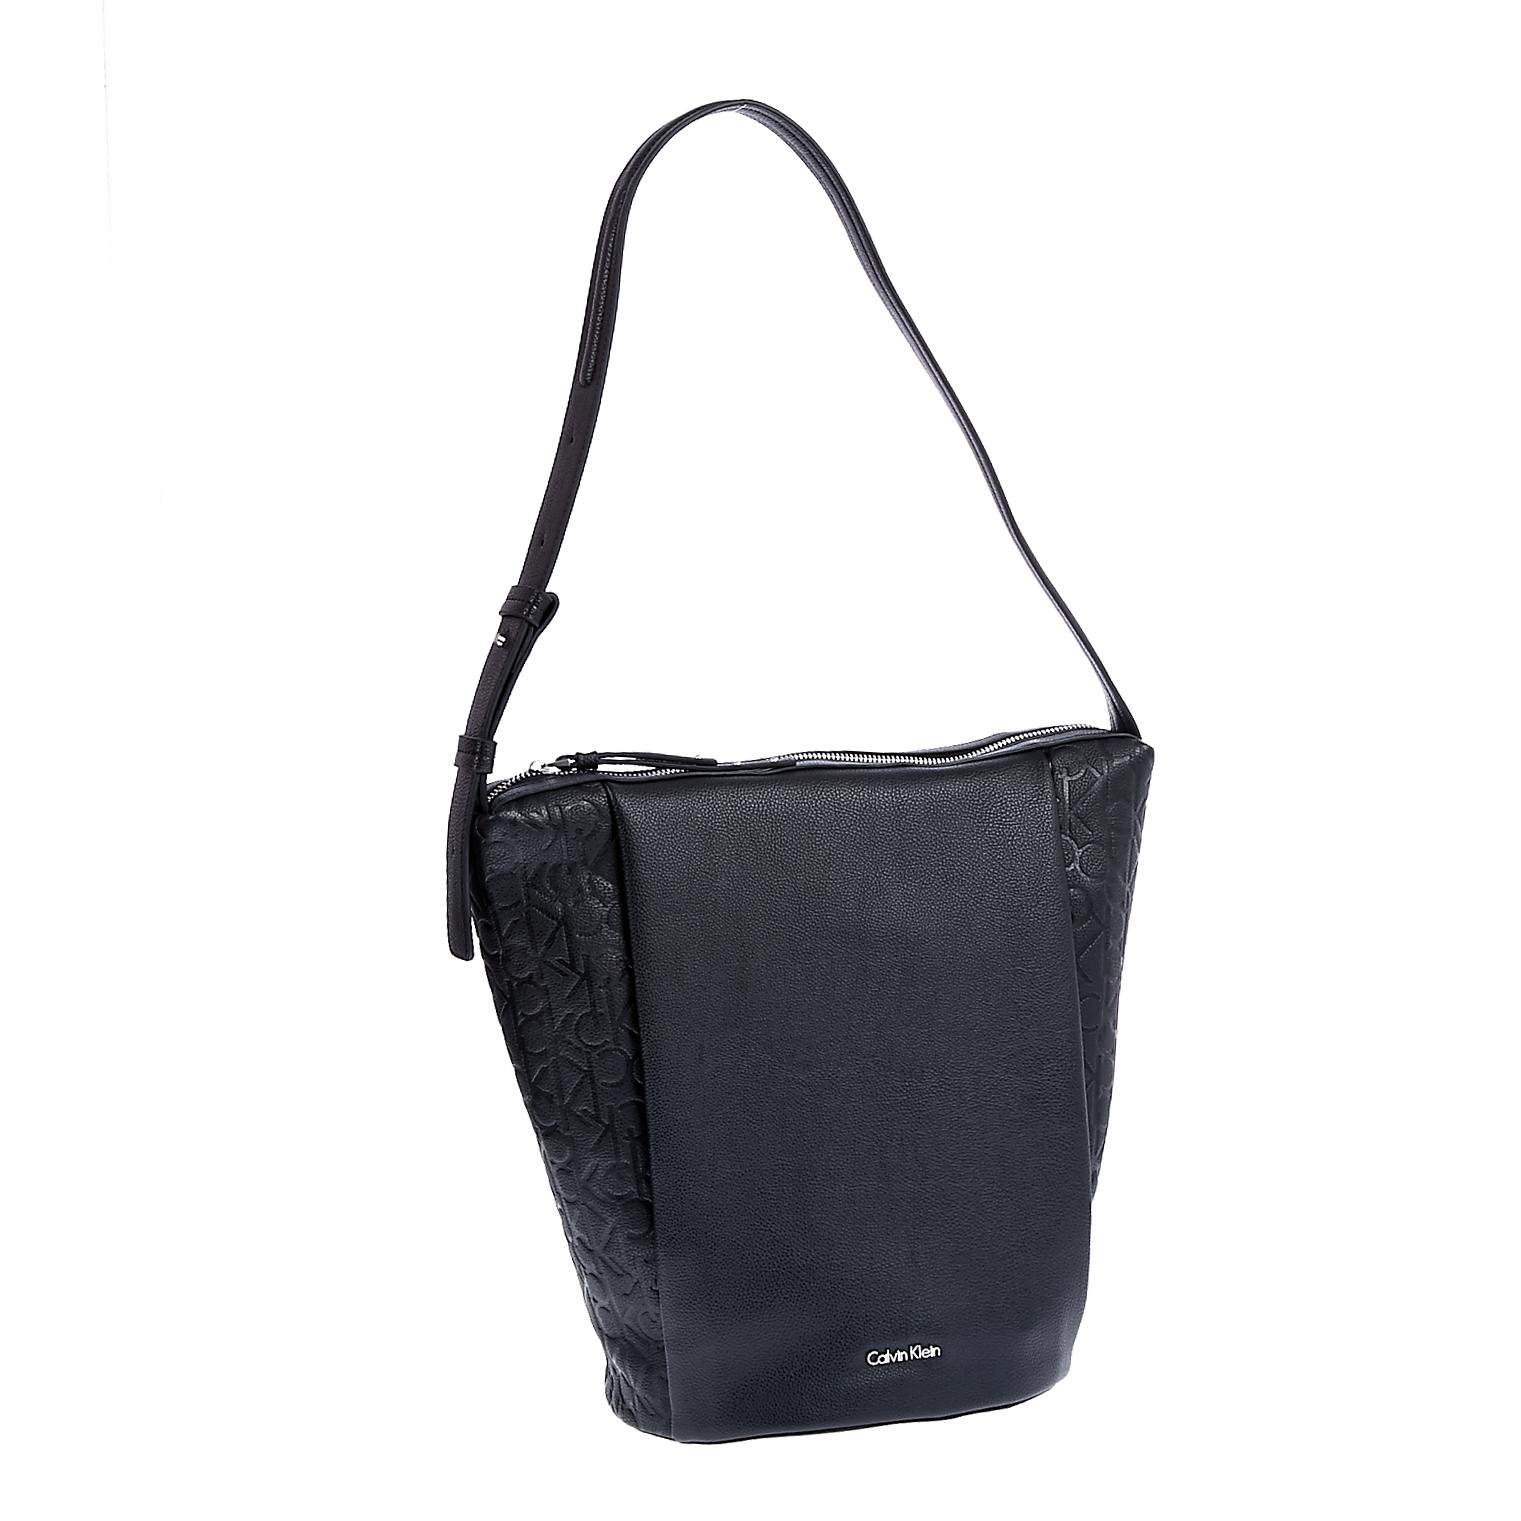 CALVIN KLEIN JEANS – Γυναικεία τσάντα Calvin Klein Jeans μαύρη 1522738.0-0073